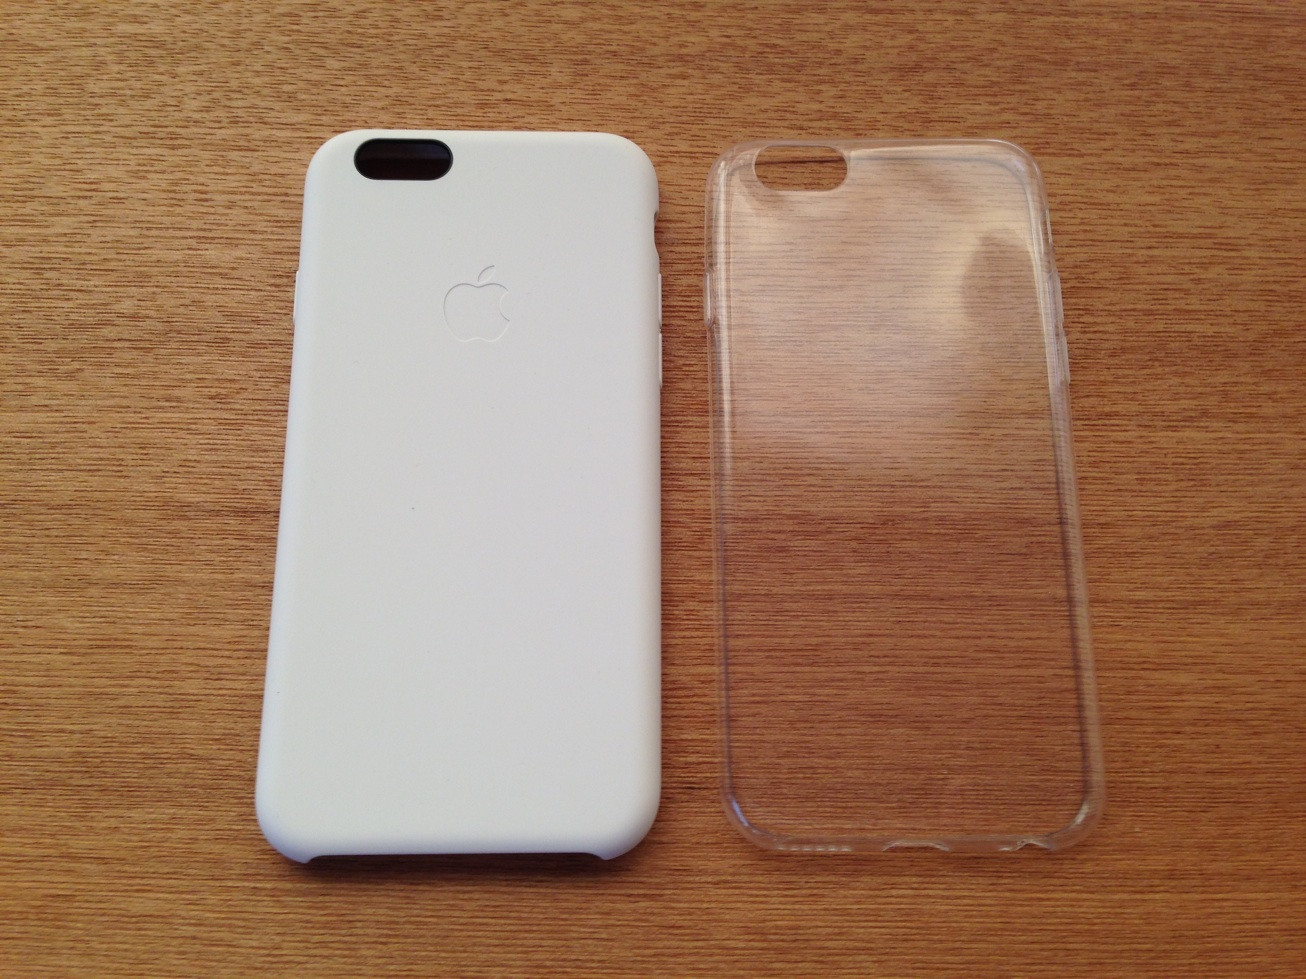 iPhone6用純正シリコンケースと1600円ほどの薄型透明ケースを比較して思ったこと